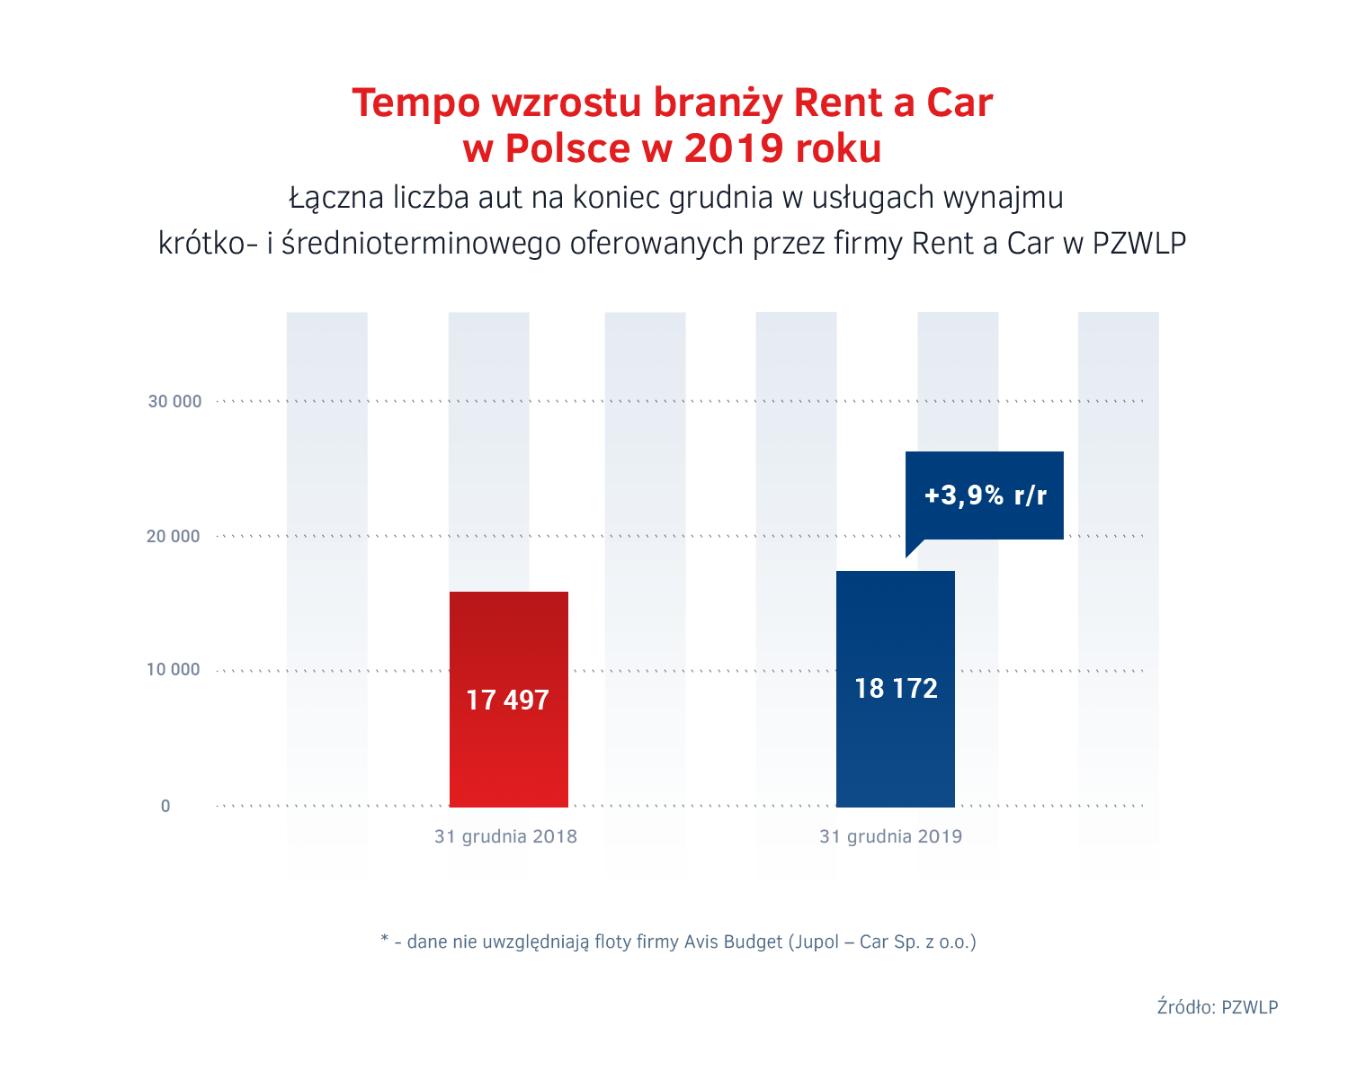 Tempo wzrostu Rent a Car w Polsce w 2019 roku